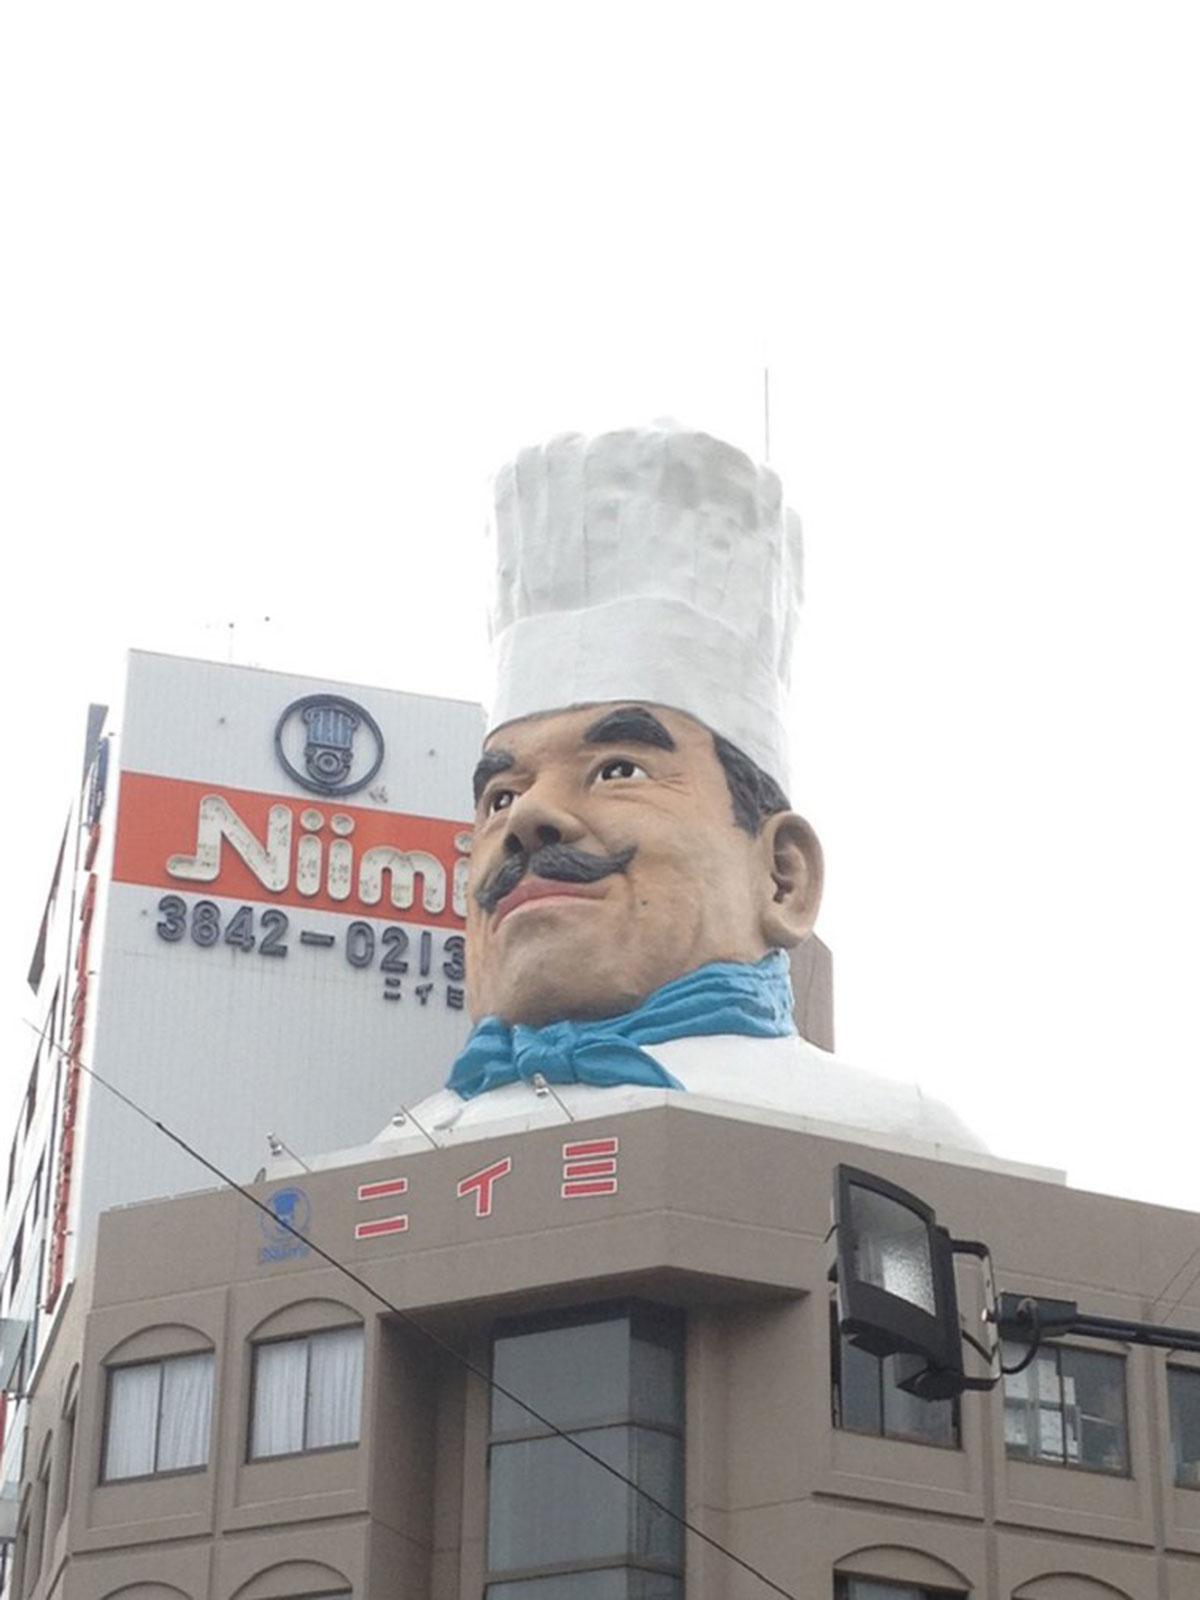 ニイミ洋食器店の巨大コック像(2013年撮影・合羽橋)